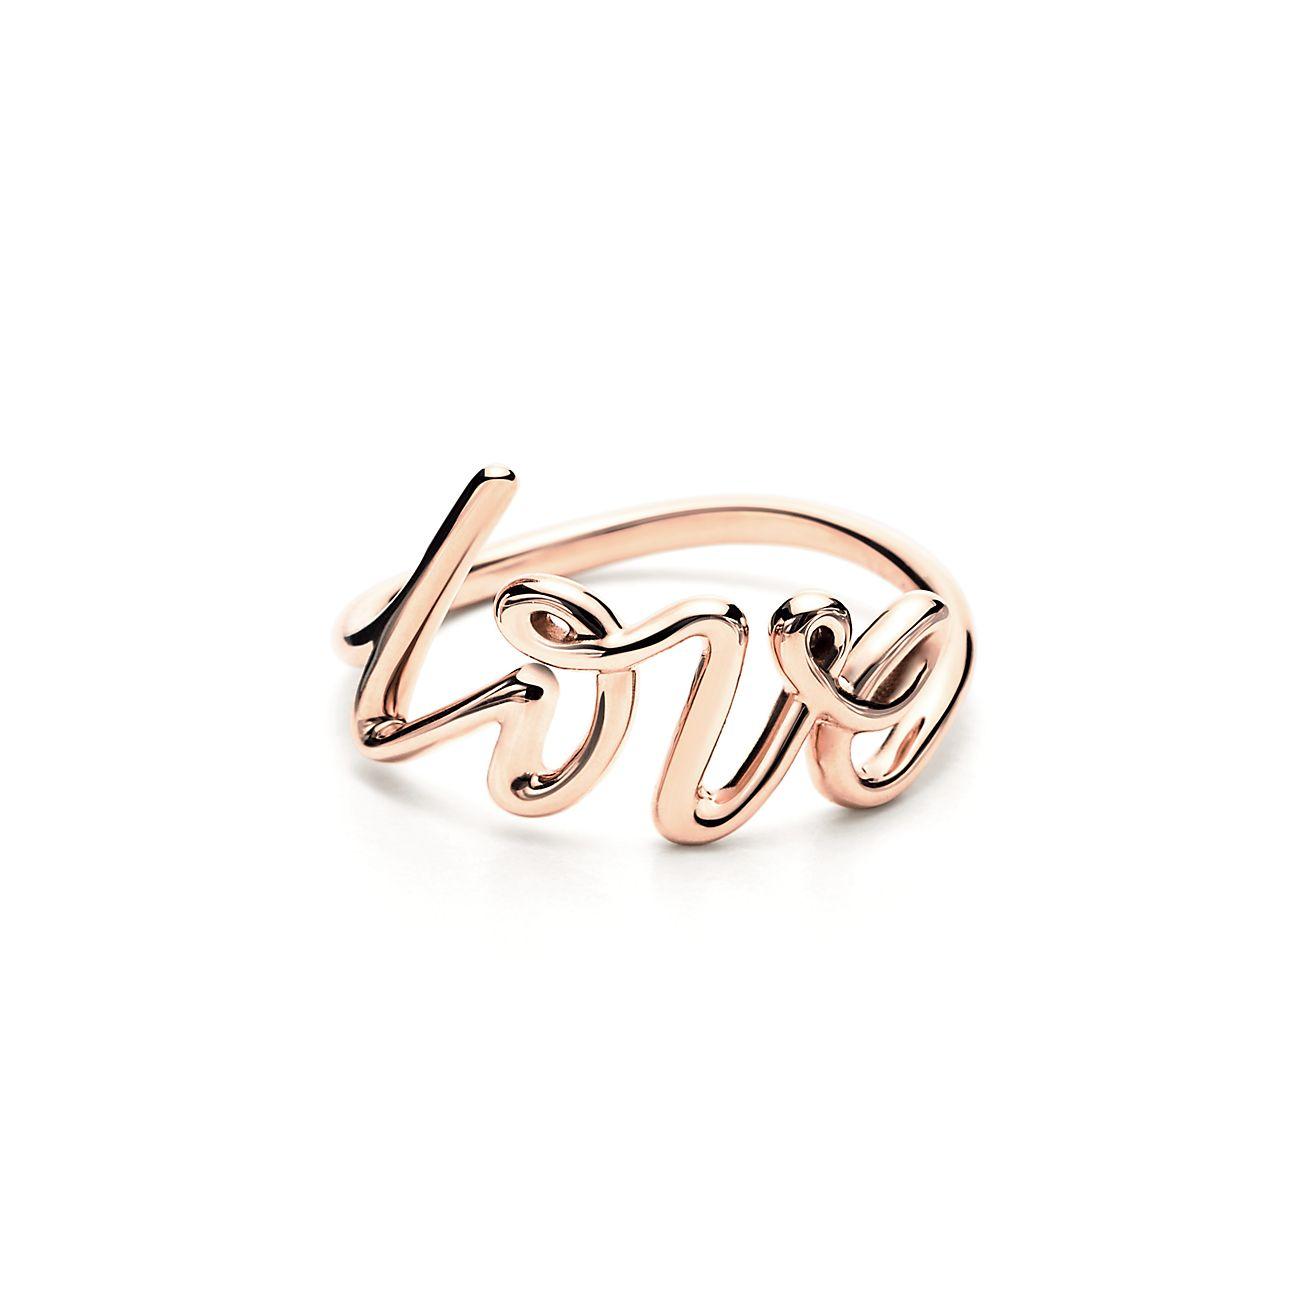 Paloma S Graffiti Love Ring In 18k Rose Gold Tiffany Co